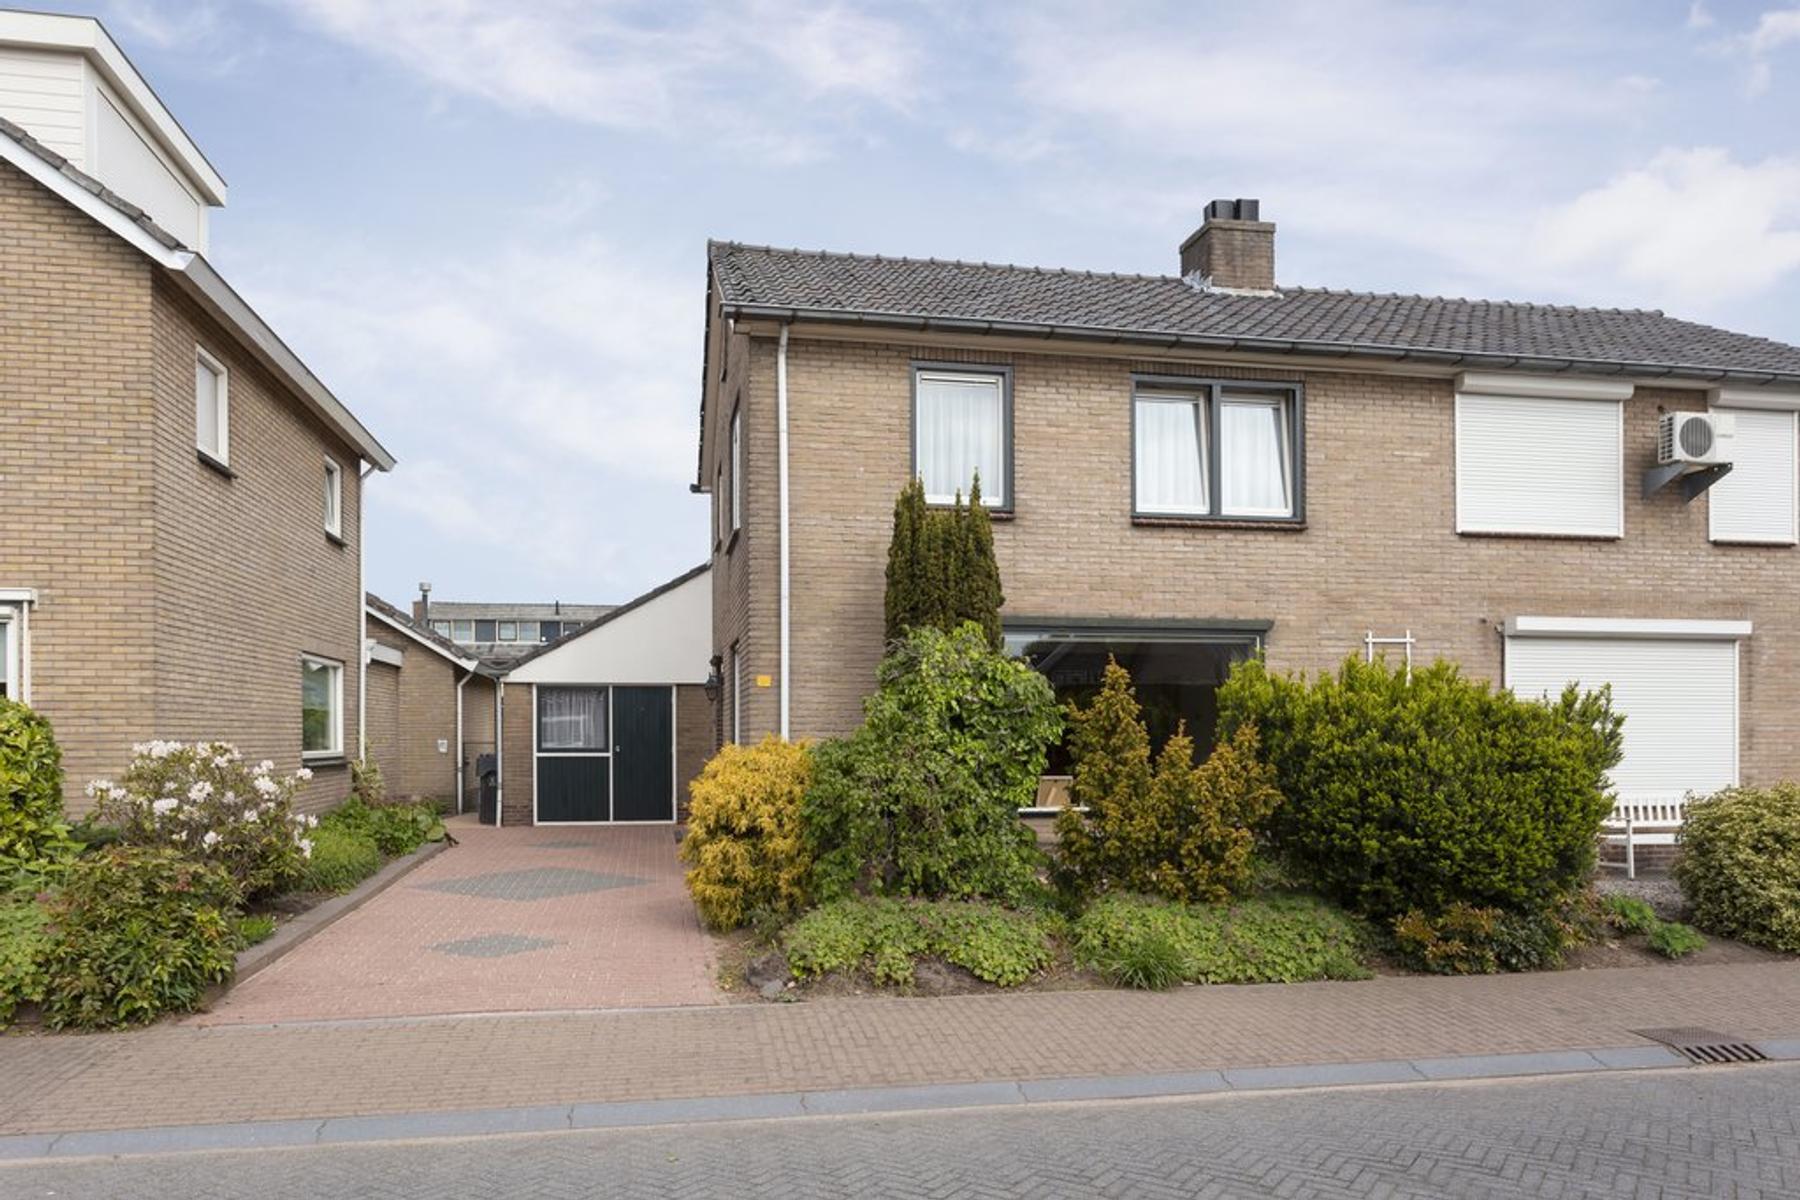 Nicolaas Maesstraat 6 in Twello 7391 AS